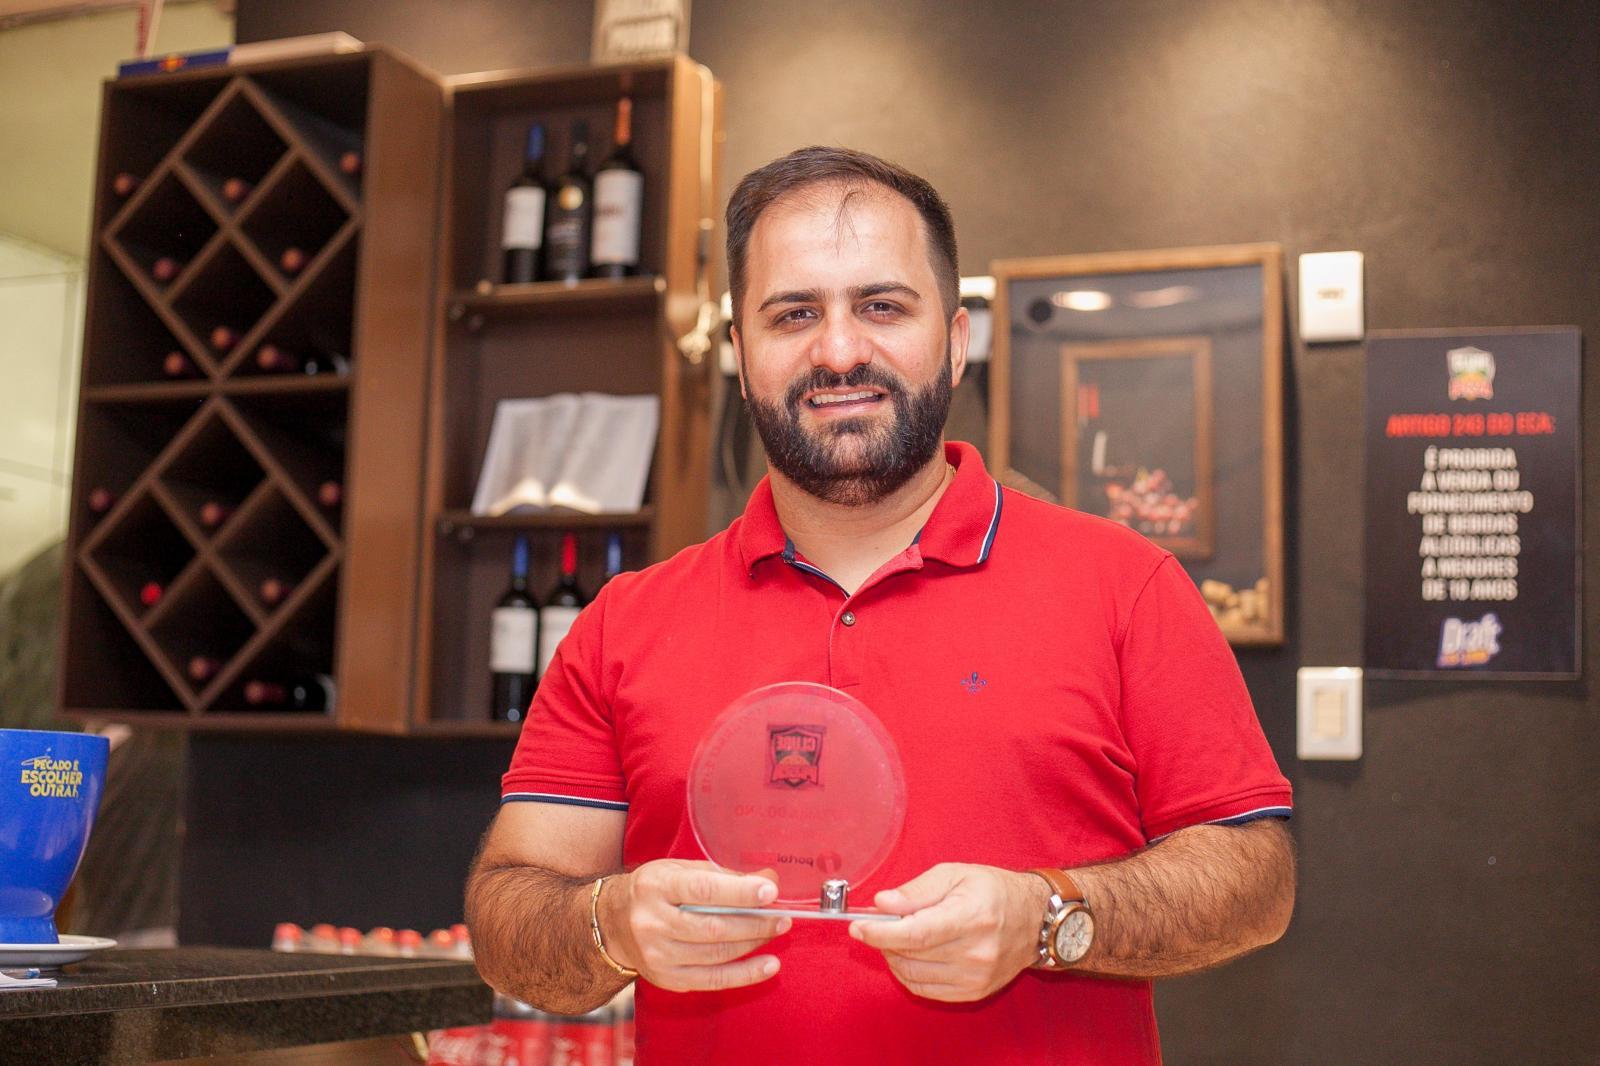 Guto Oliveira - Clube da Pizza - Pizzaria do Ano de Icoaraci